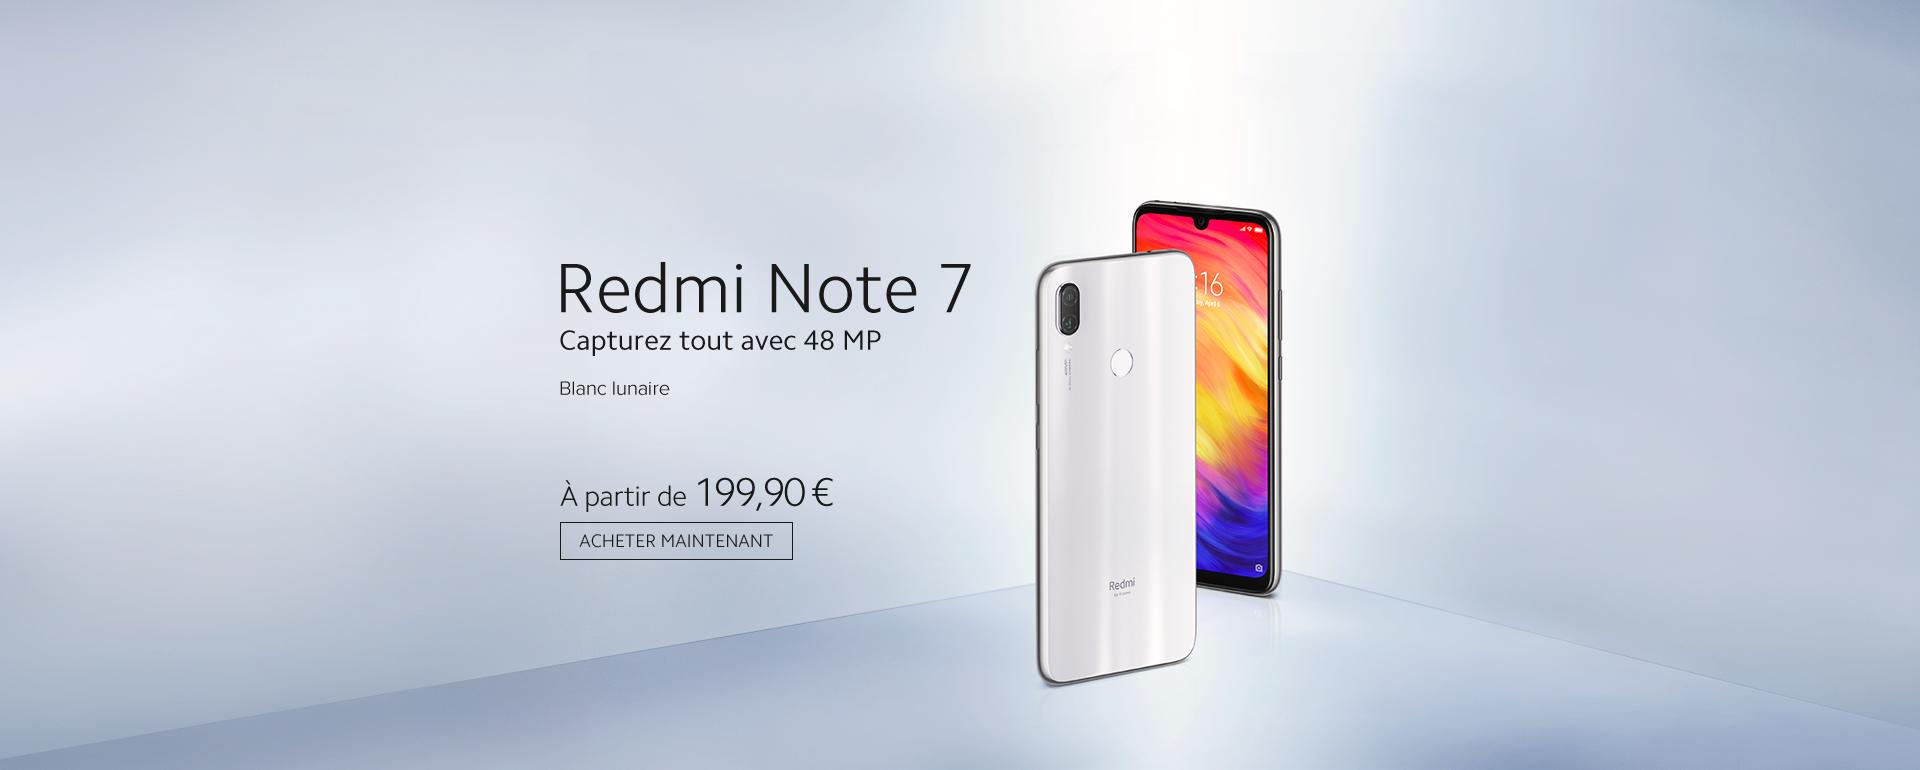 Redmi Note 7 Blanc Lunaire